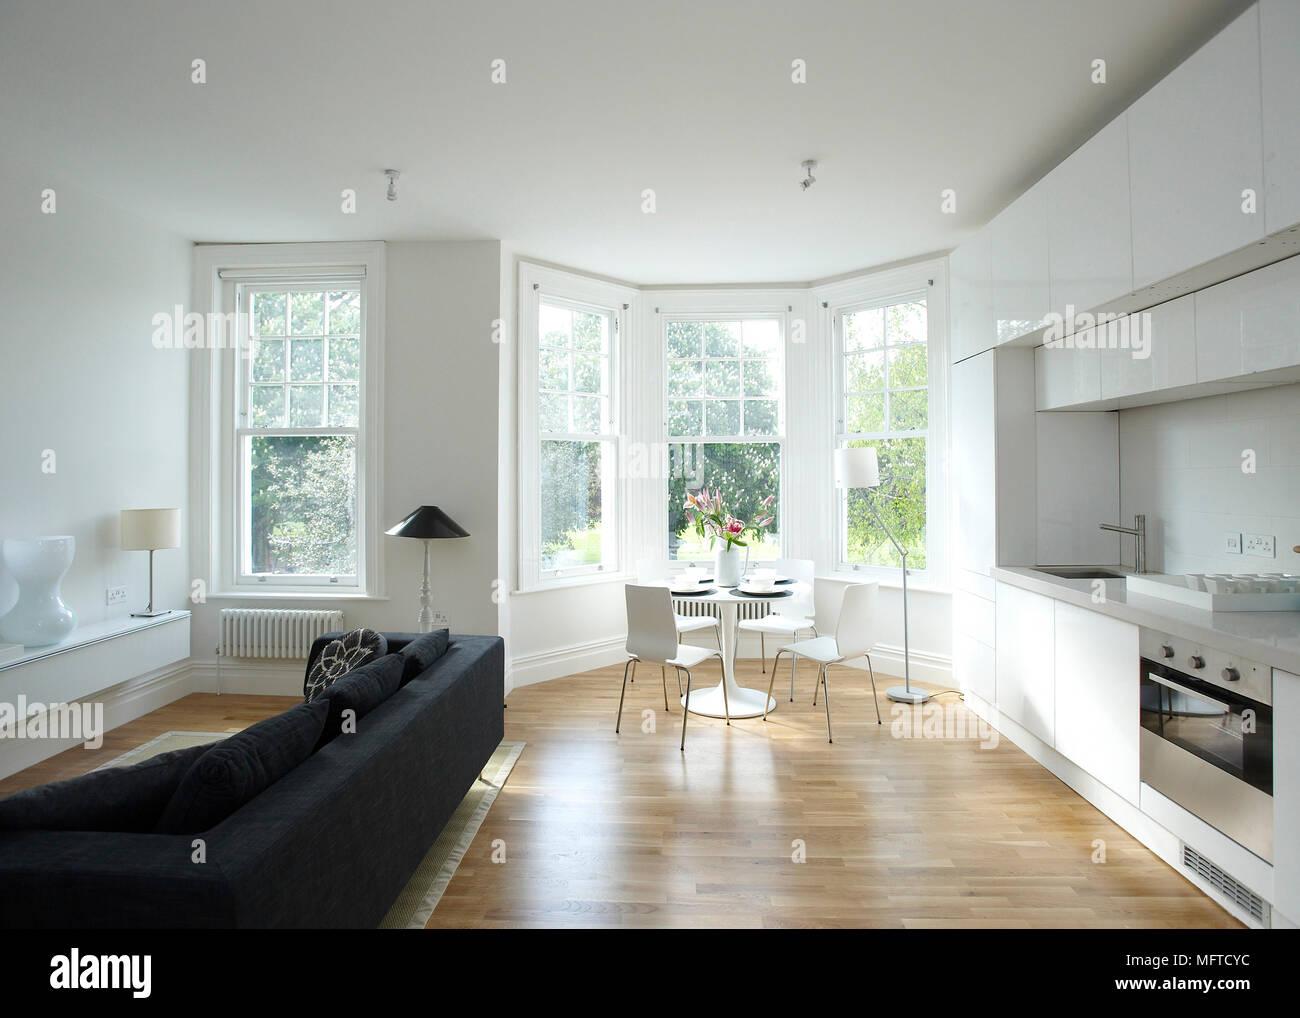 Elegant Moderne Sitzecke Beste Wahl Esstisch Und Stühle In Offene Küche Mit